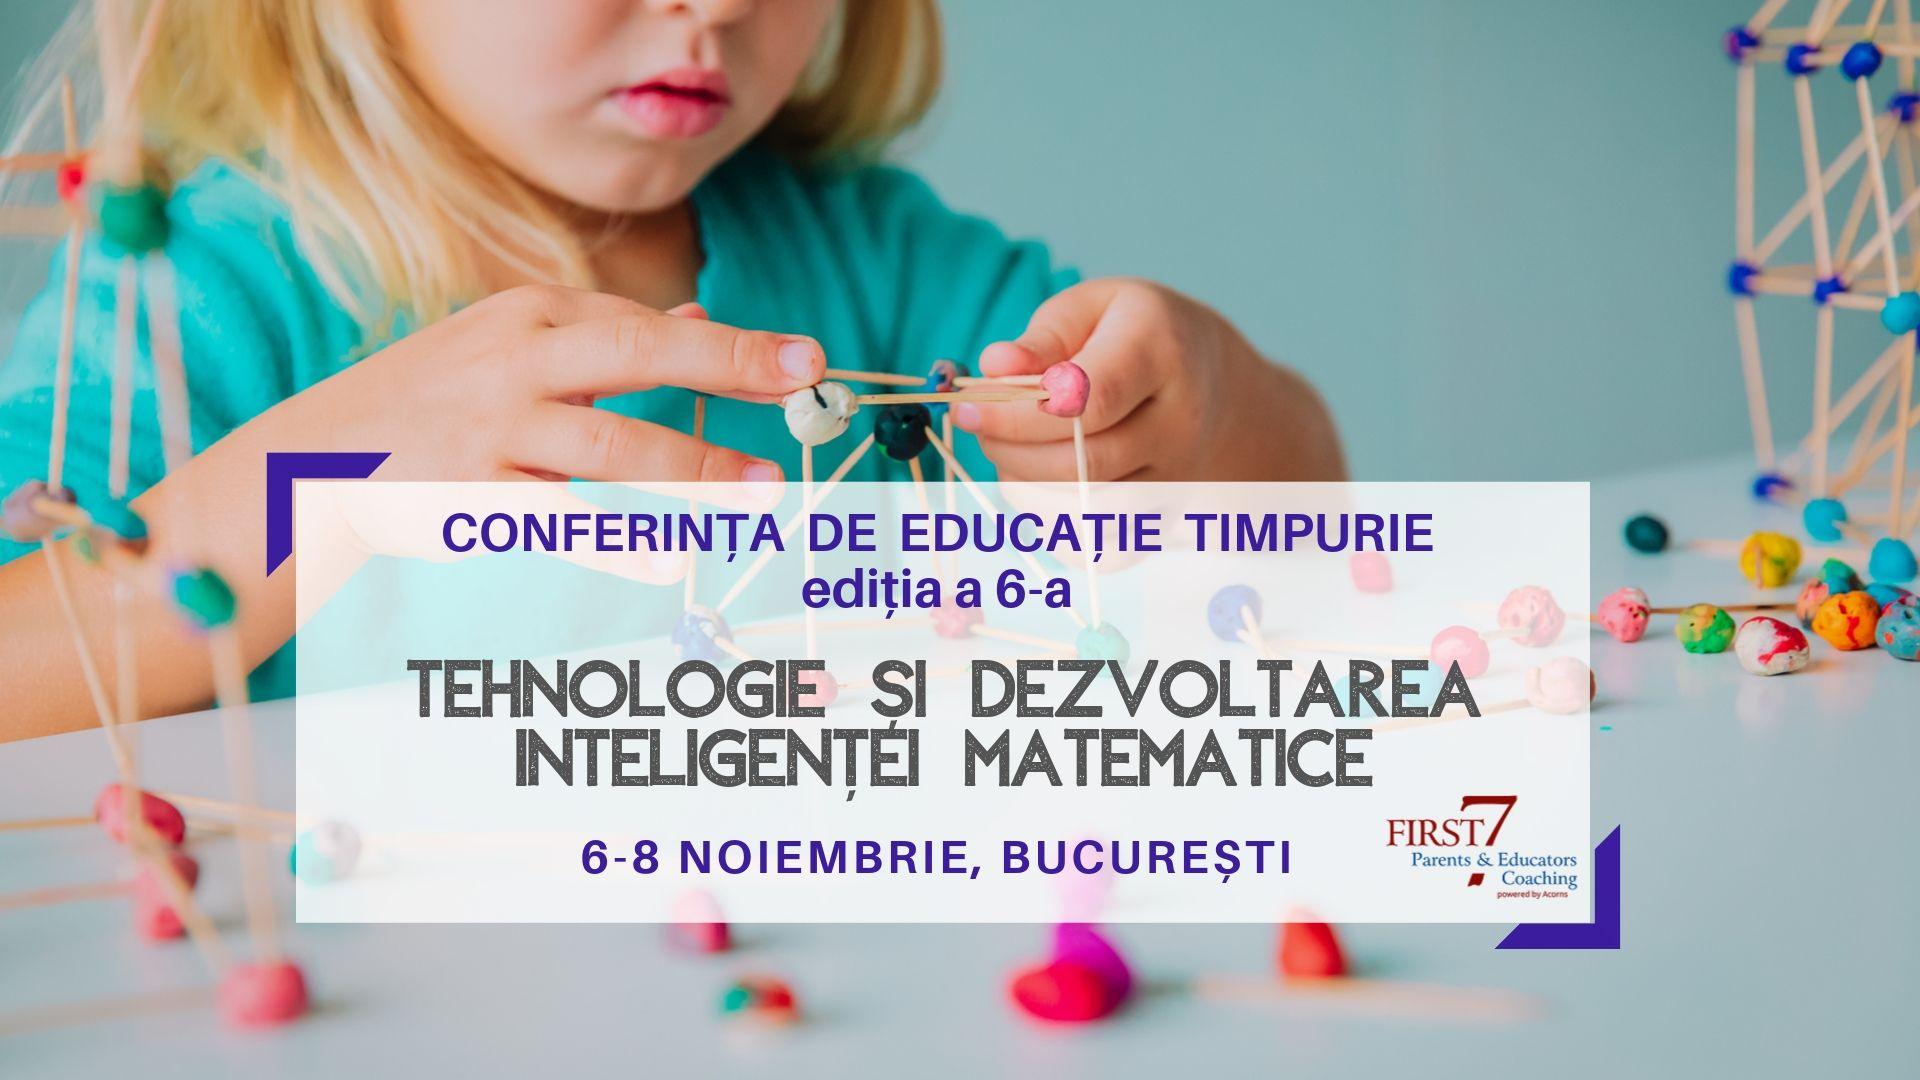 Conferinta de Educatie Timpurie